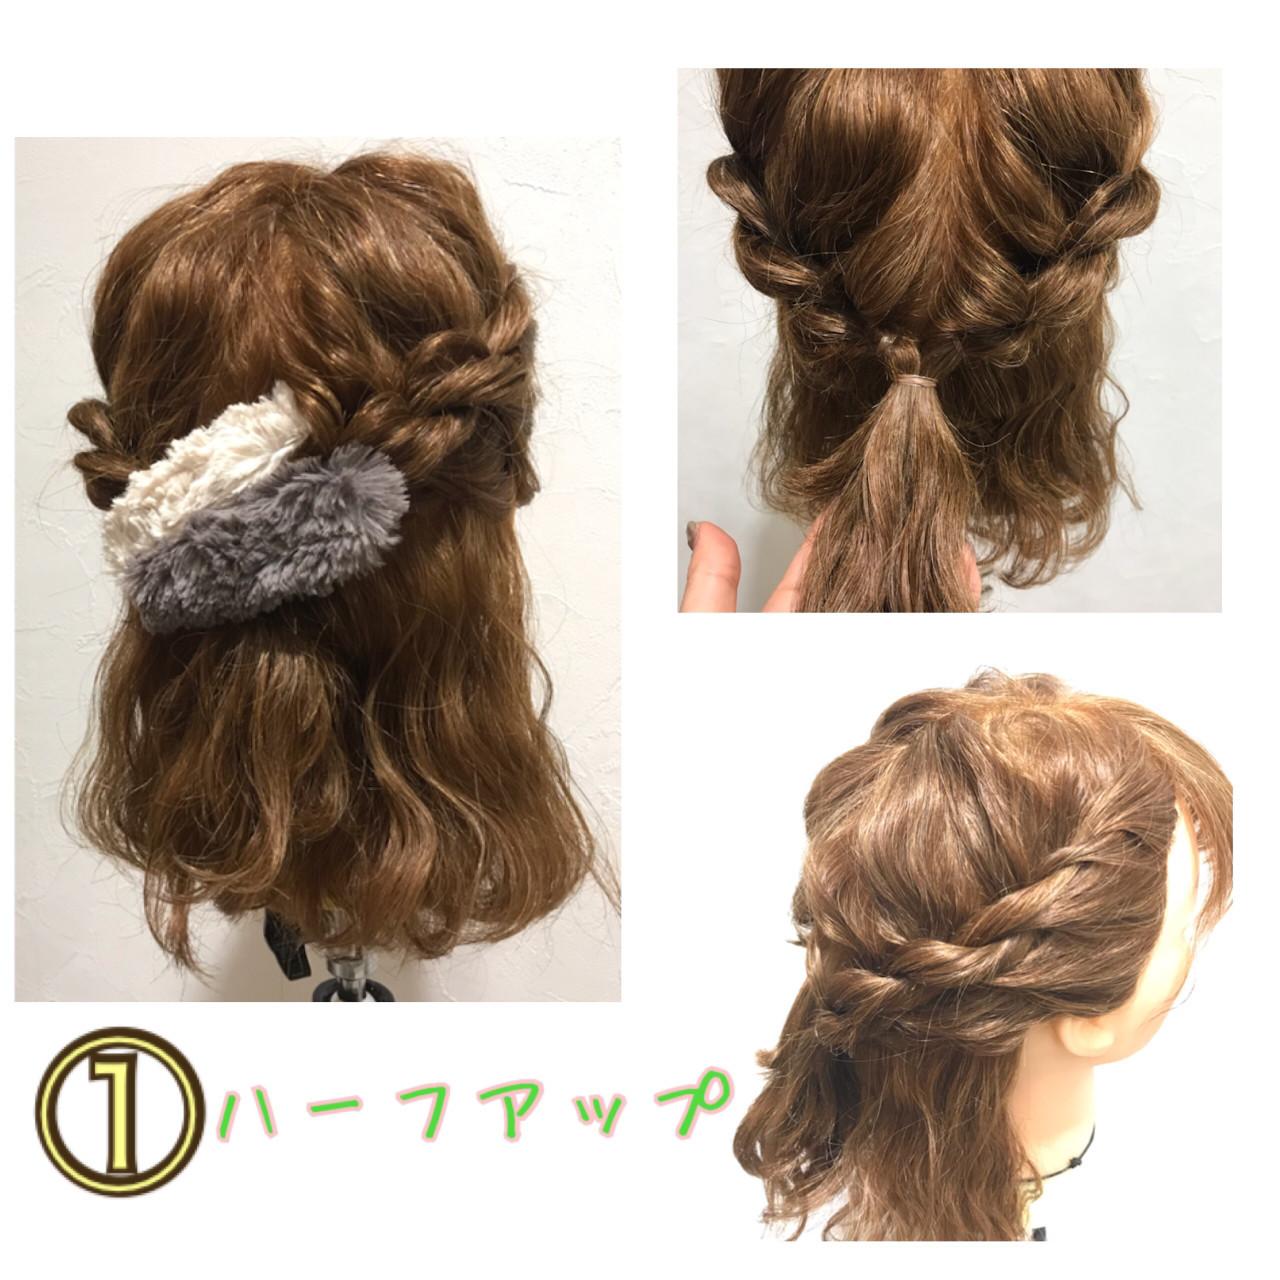 ナチュラル ヘアアレンジ ボブ 波ウェーブ ヘアスタイルや髪型の写真・画像